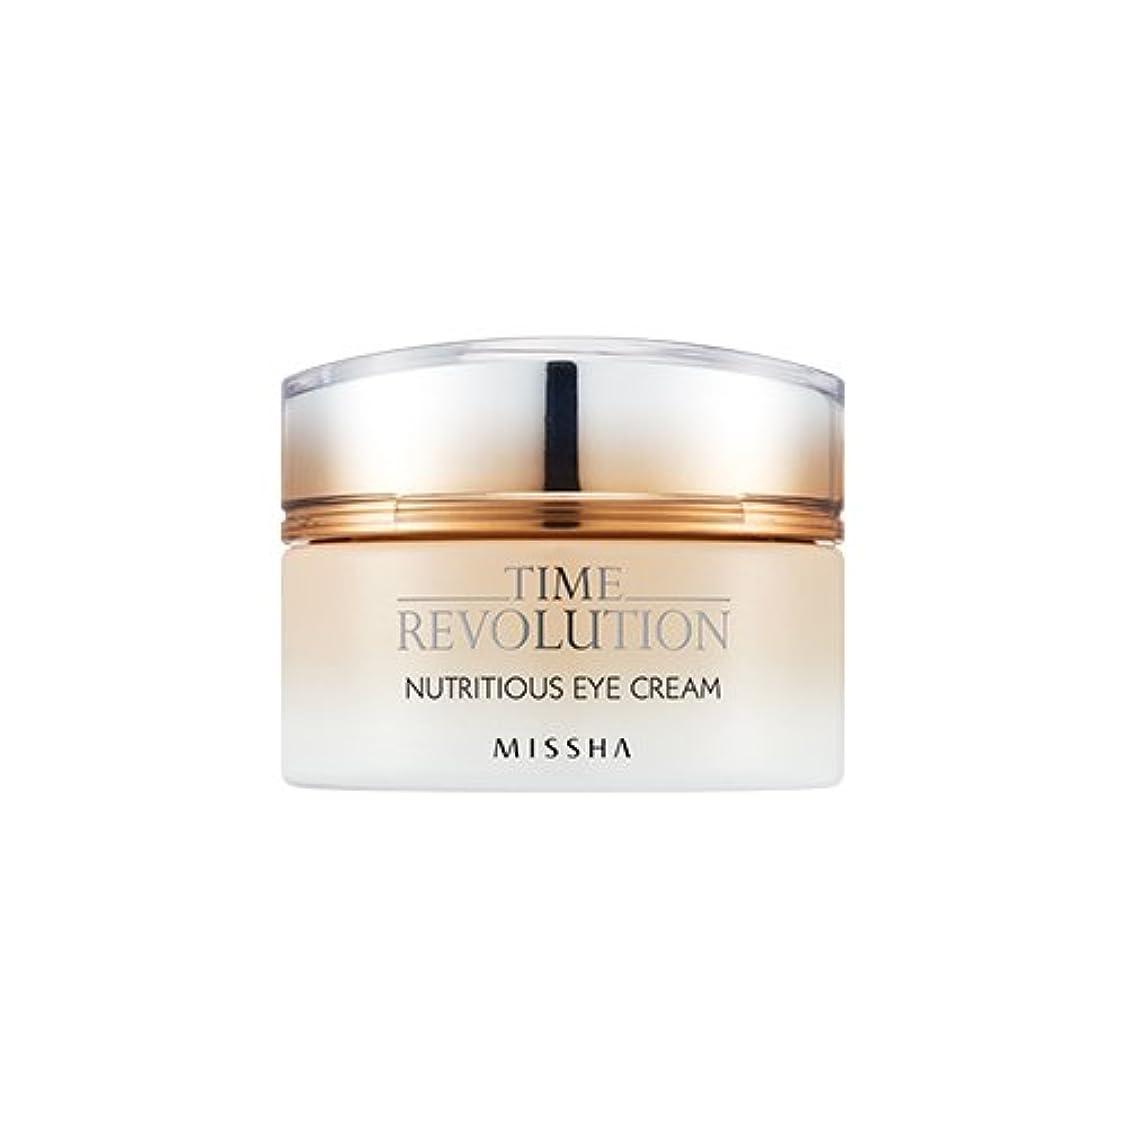 公平止まるずっと[New] MISSHA Time Revolution Nutritious Eye Cream 25ml/ミシャ タイム レボリューション ニュートリシャス アイクリーム 25ml [並行輸入品]